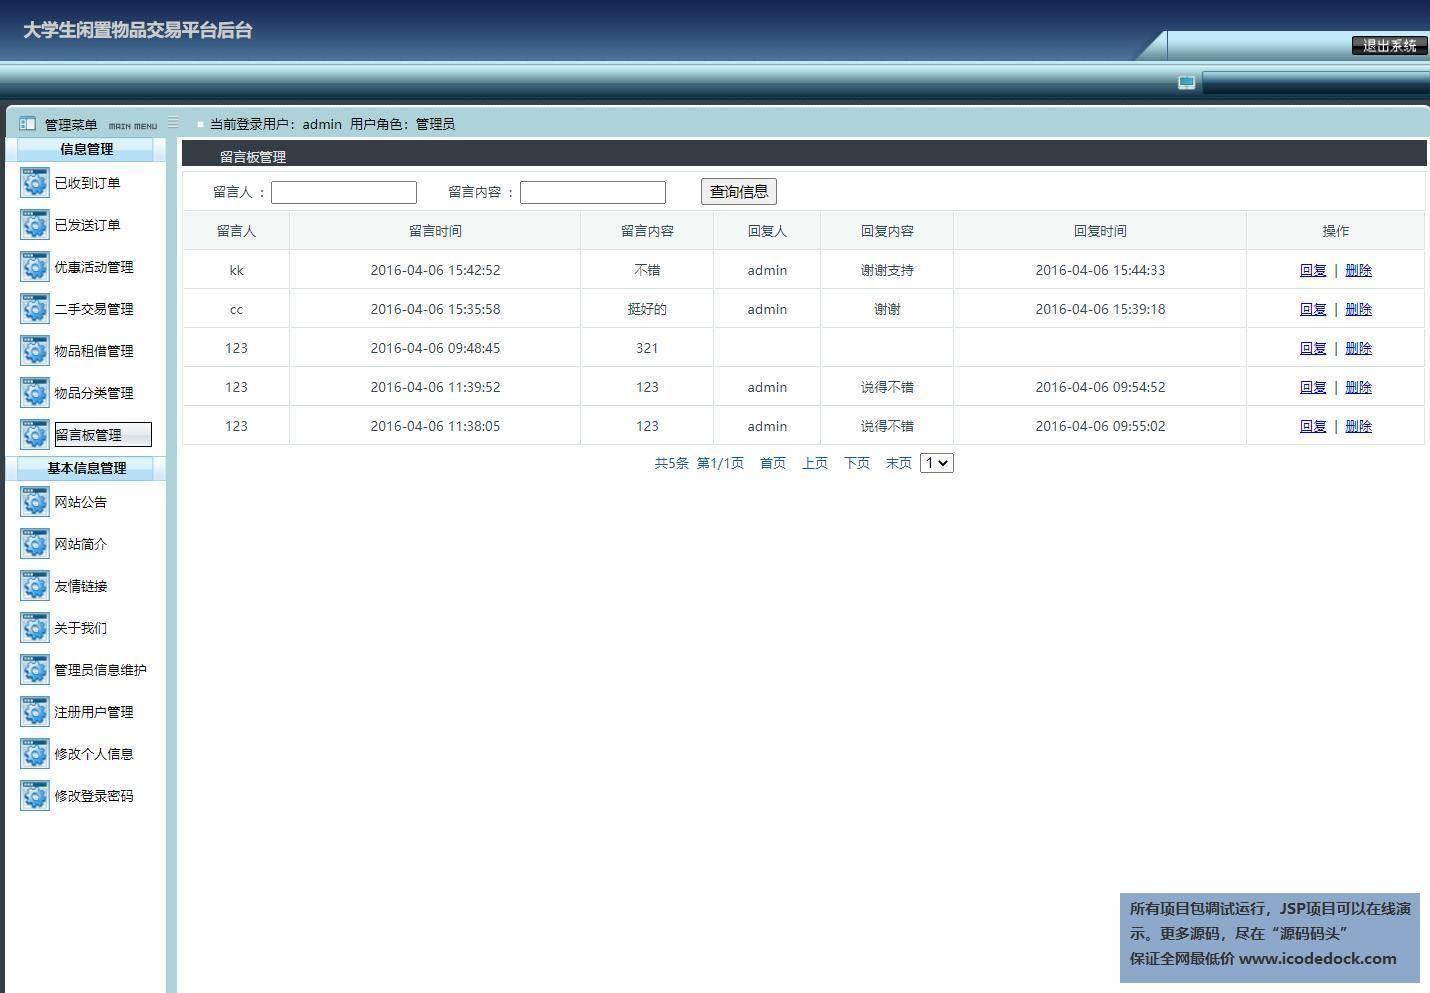 源码码头-JSP校园二手物品交易信息平台-管理员角色-留言板管理